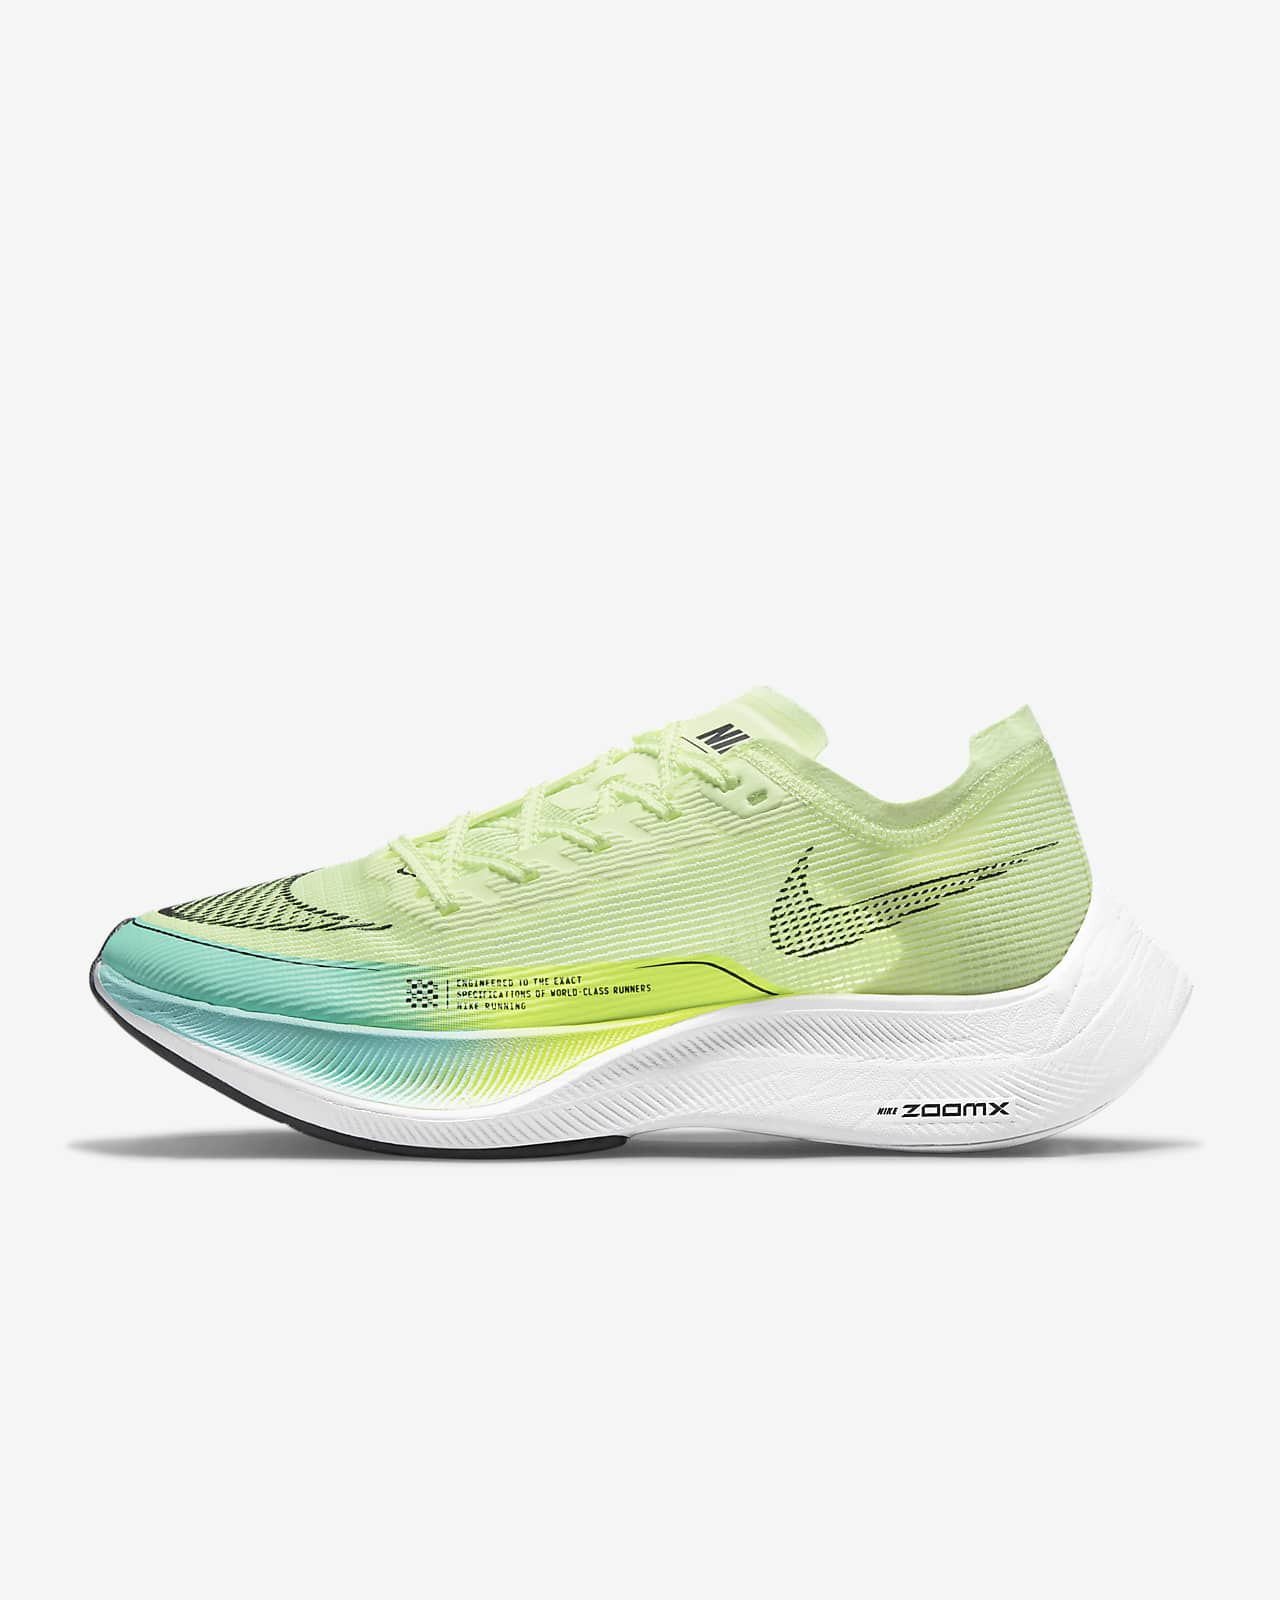 Γυναικείο παπούτσι αγώνων δρόμου Nike ZoomX Vaporfly Next% 2